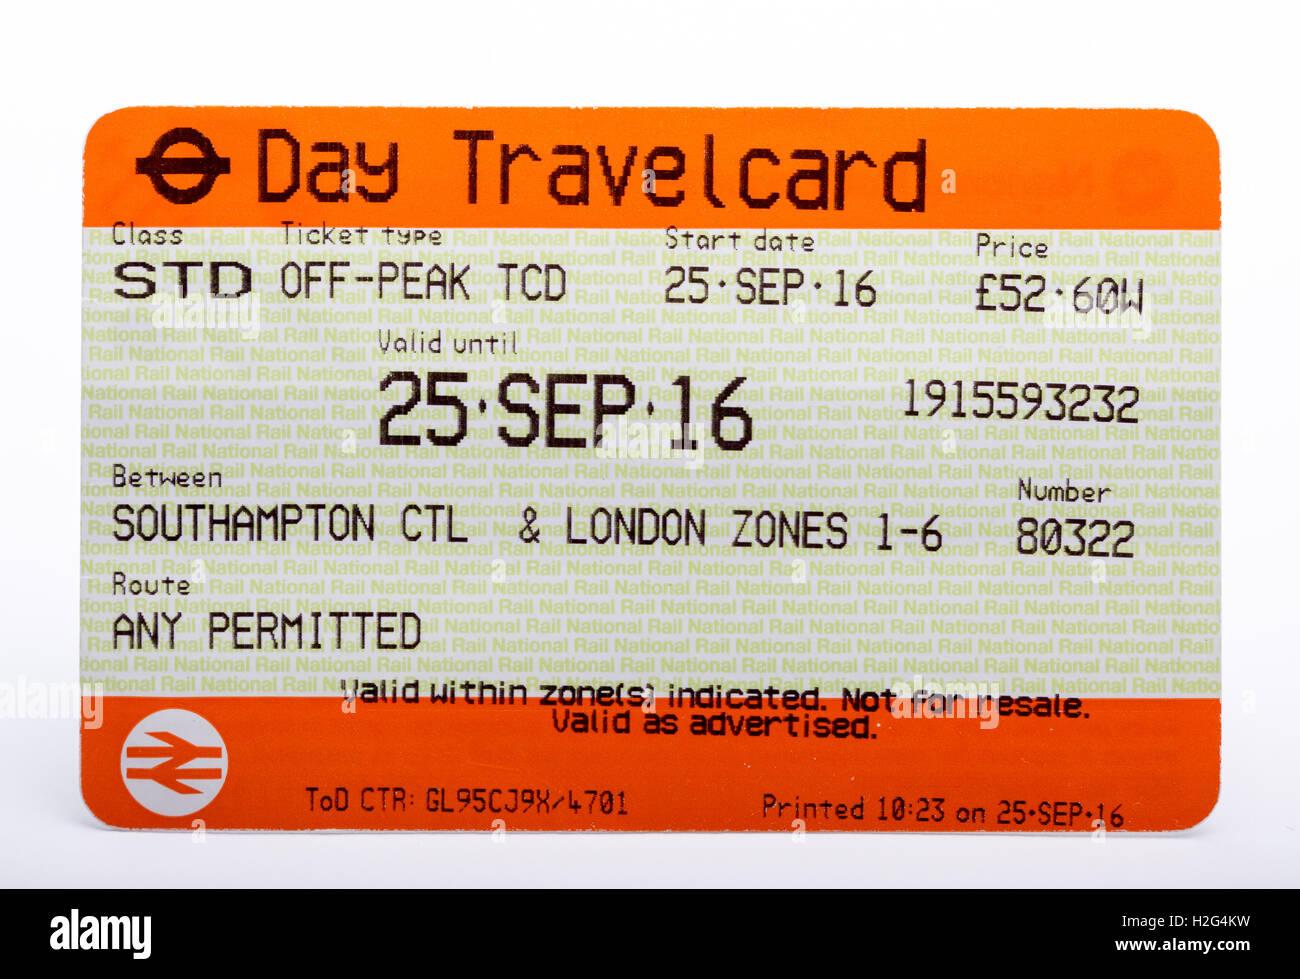 Una Ferrovia Nazionale giorno Travel Card biglietto del treno Immagini Stock